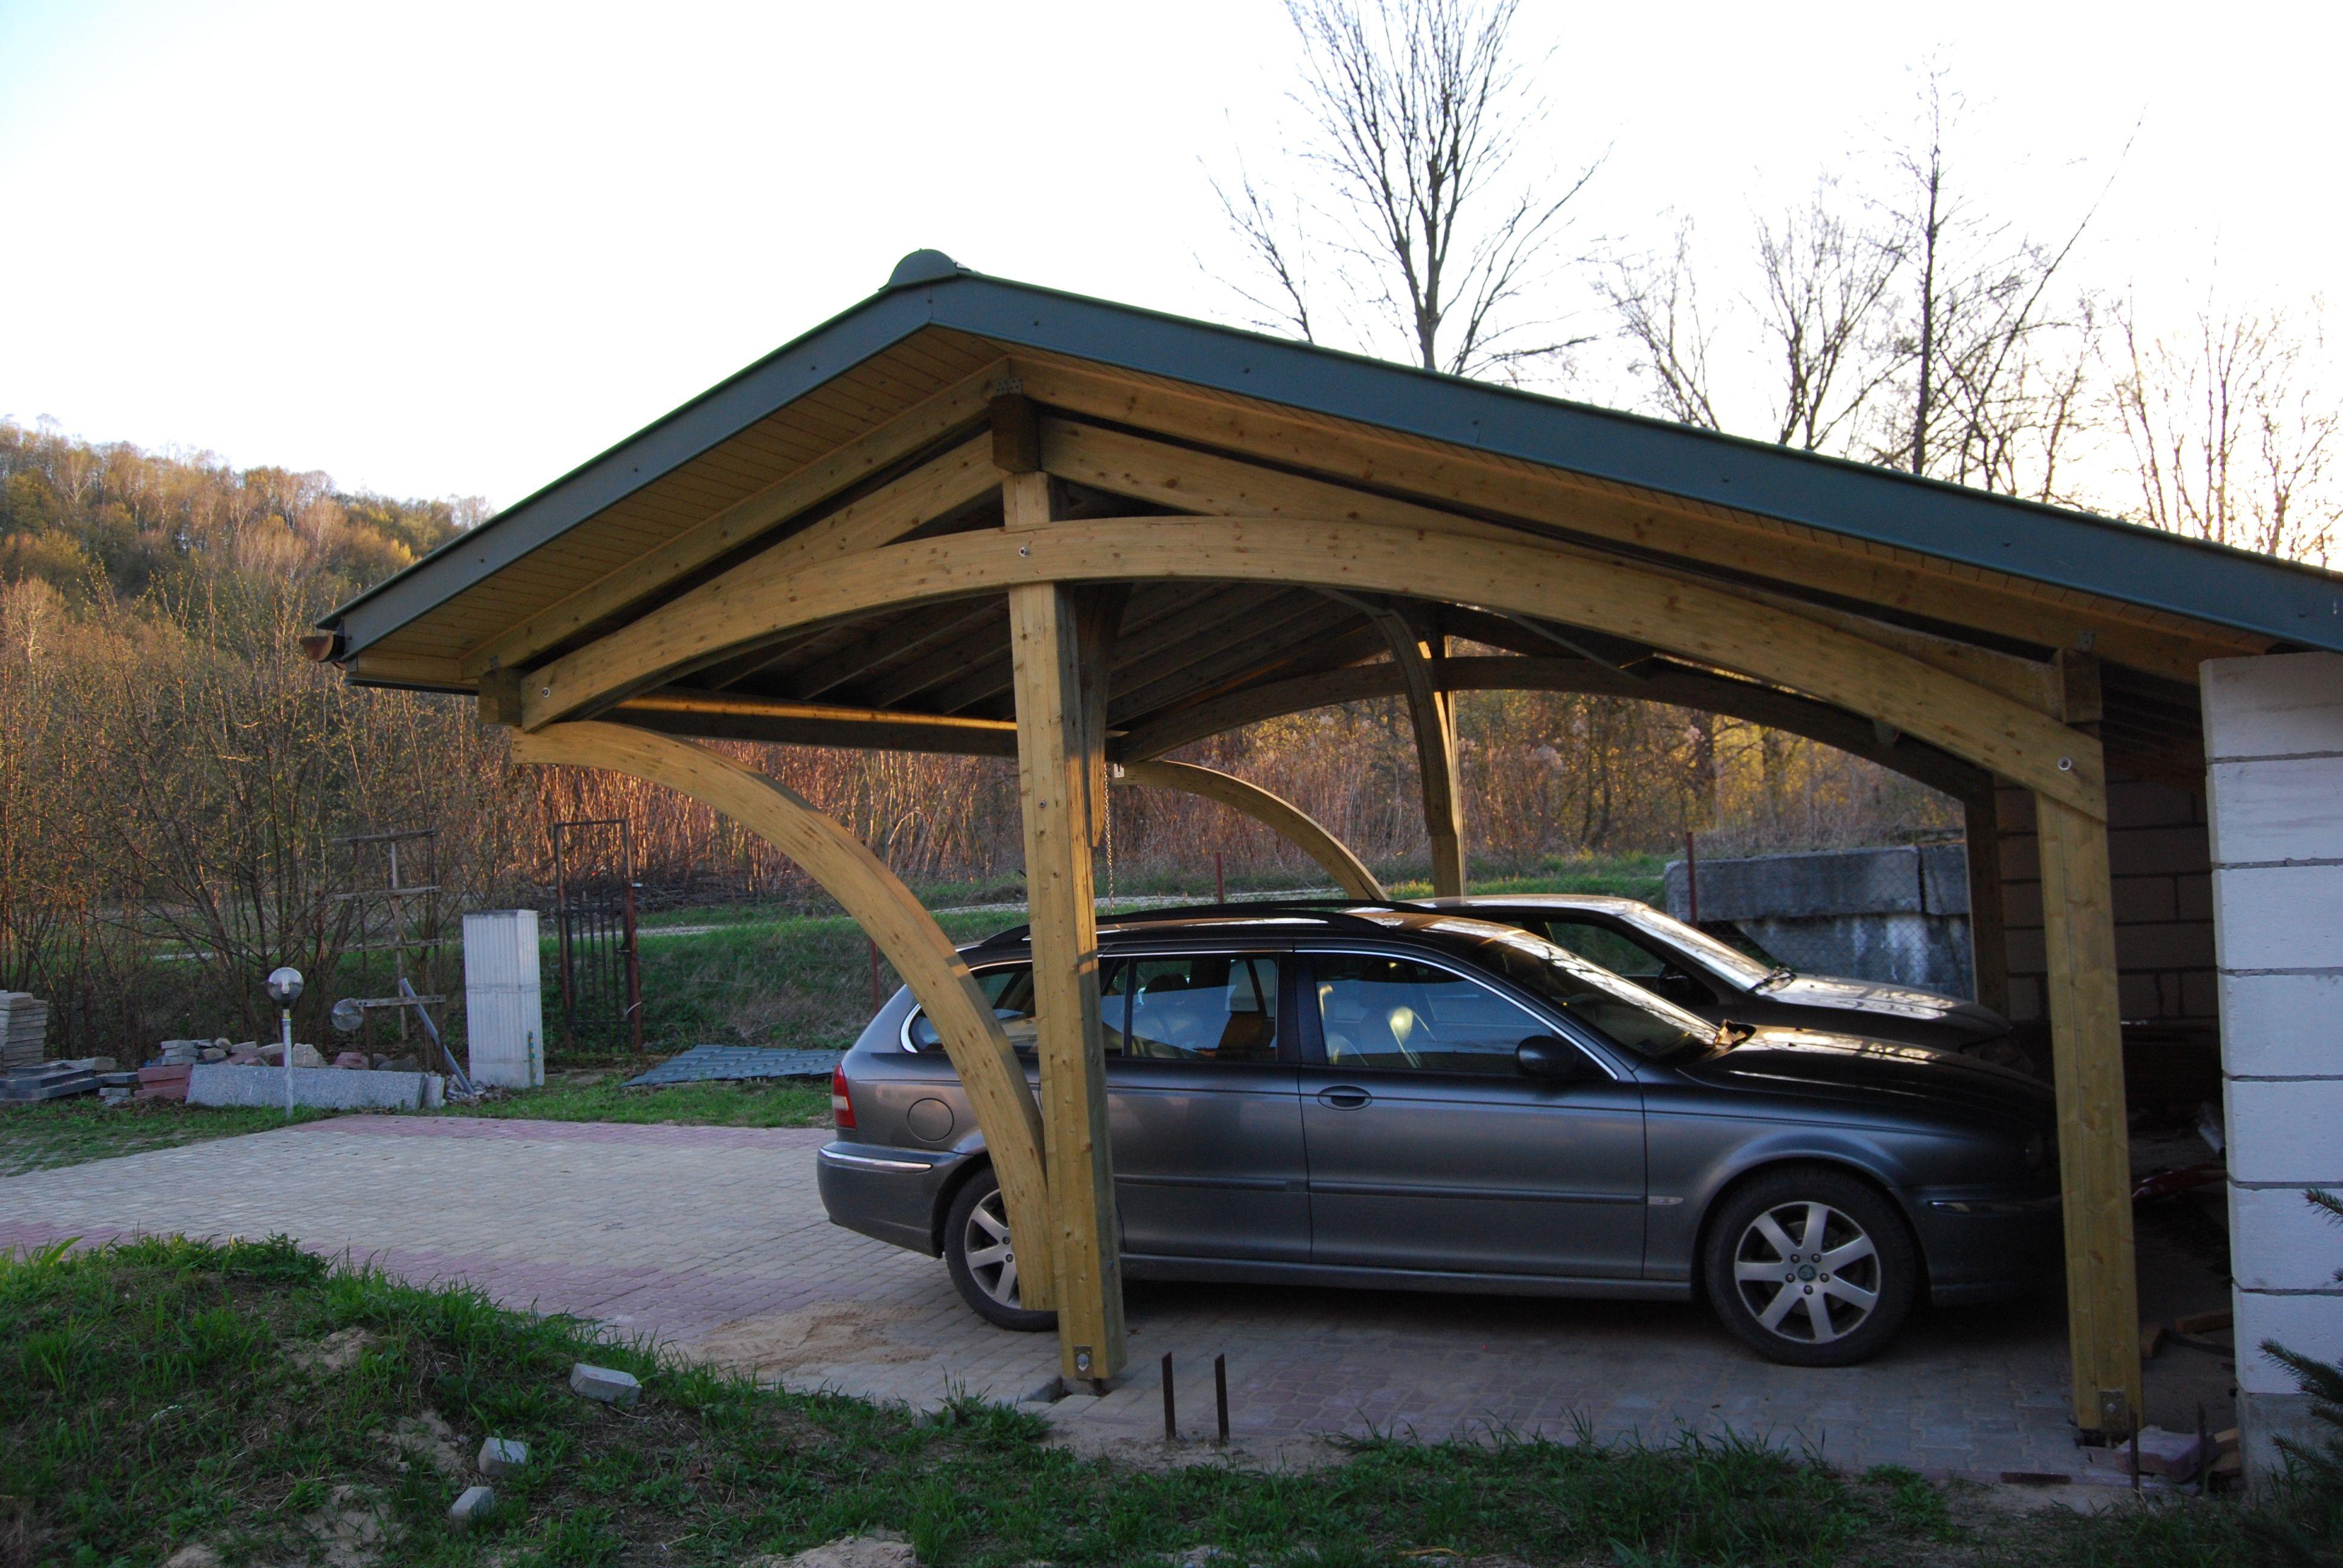 """Résultat de recherche d'images pour """"carport 2 voitures"""